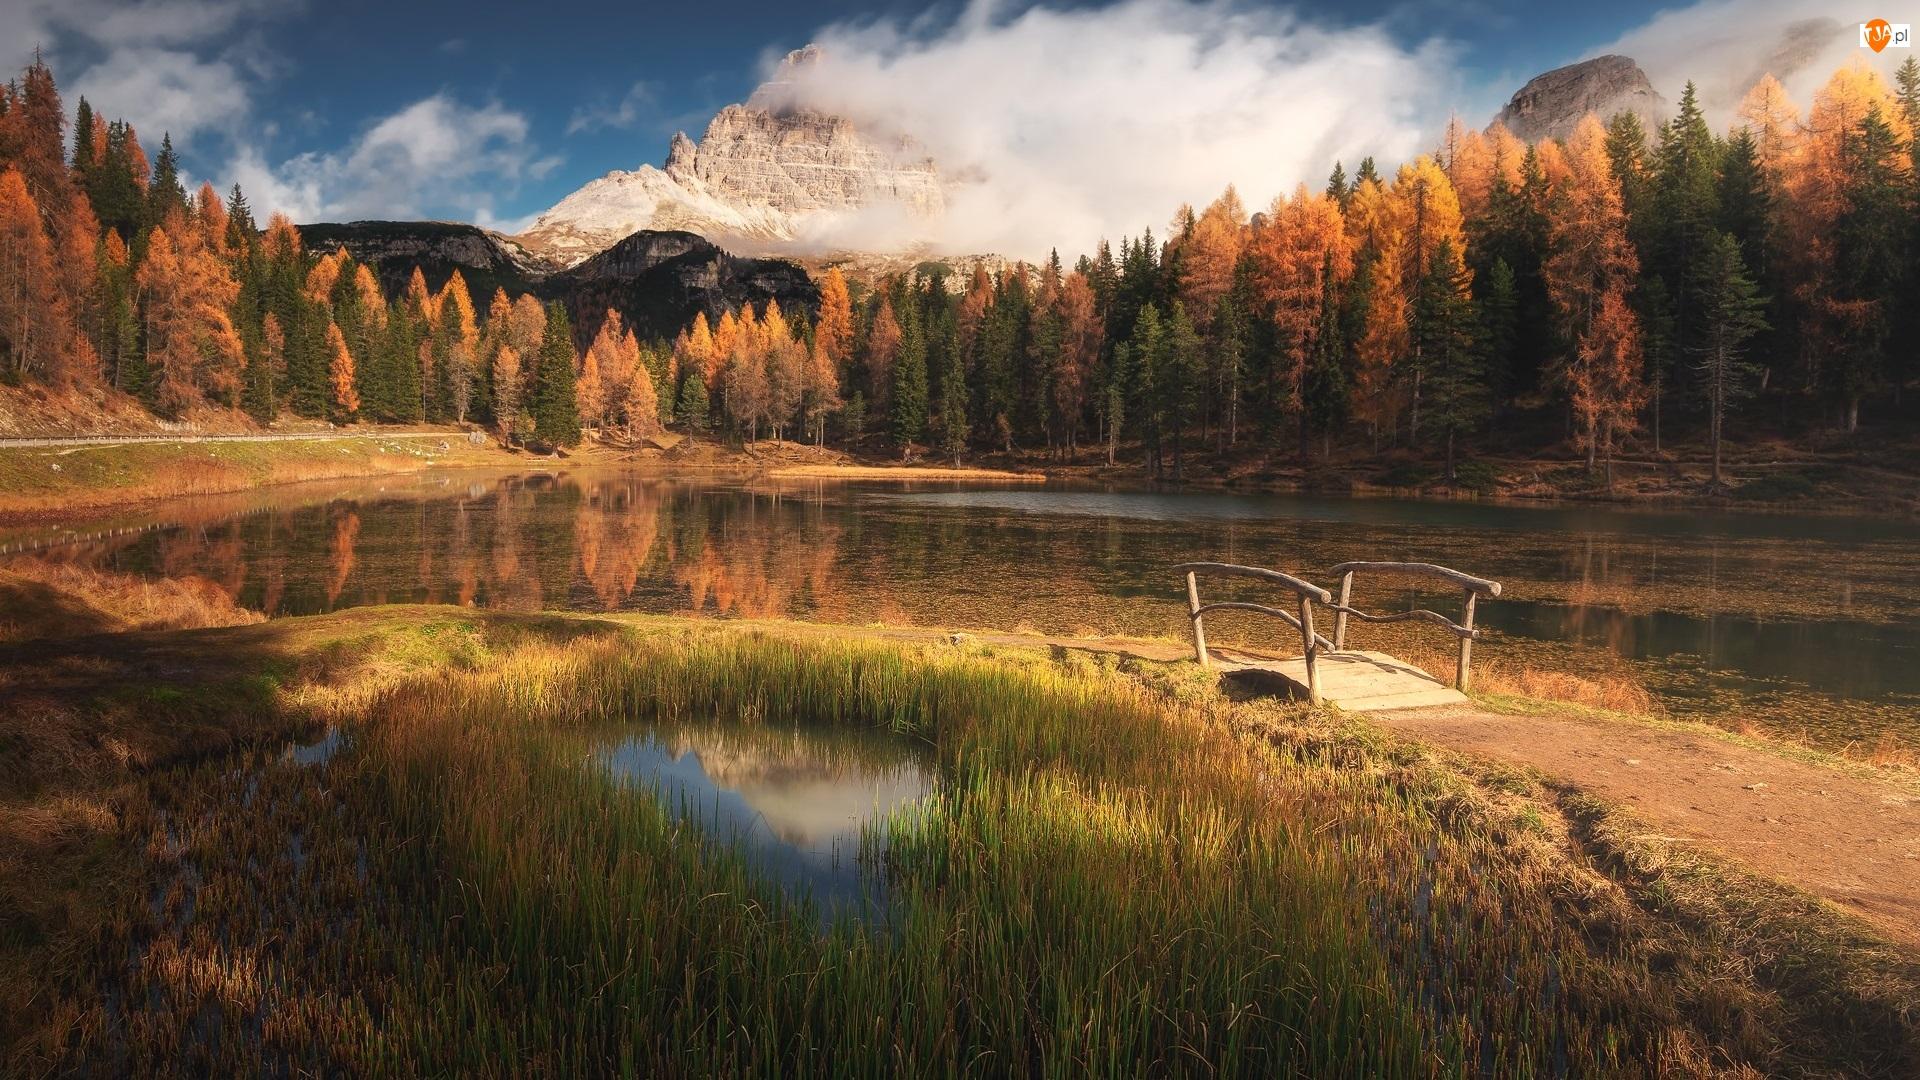 Włochy, Drzewa, Jesień, Alpy, Antorno Lake, Jezioro, Góry, Mostek, Dolomity, Chmury